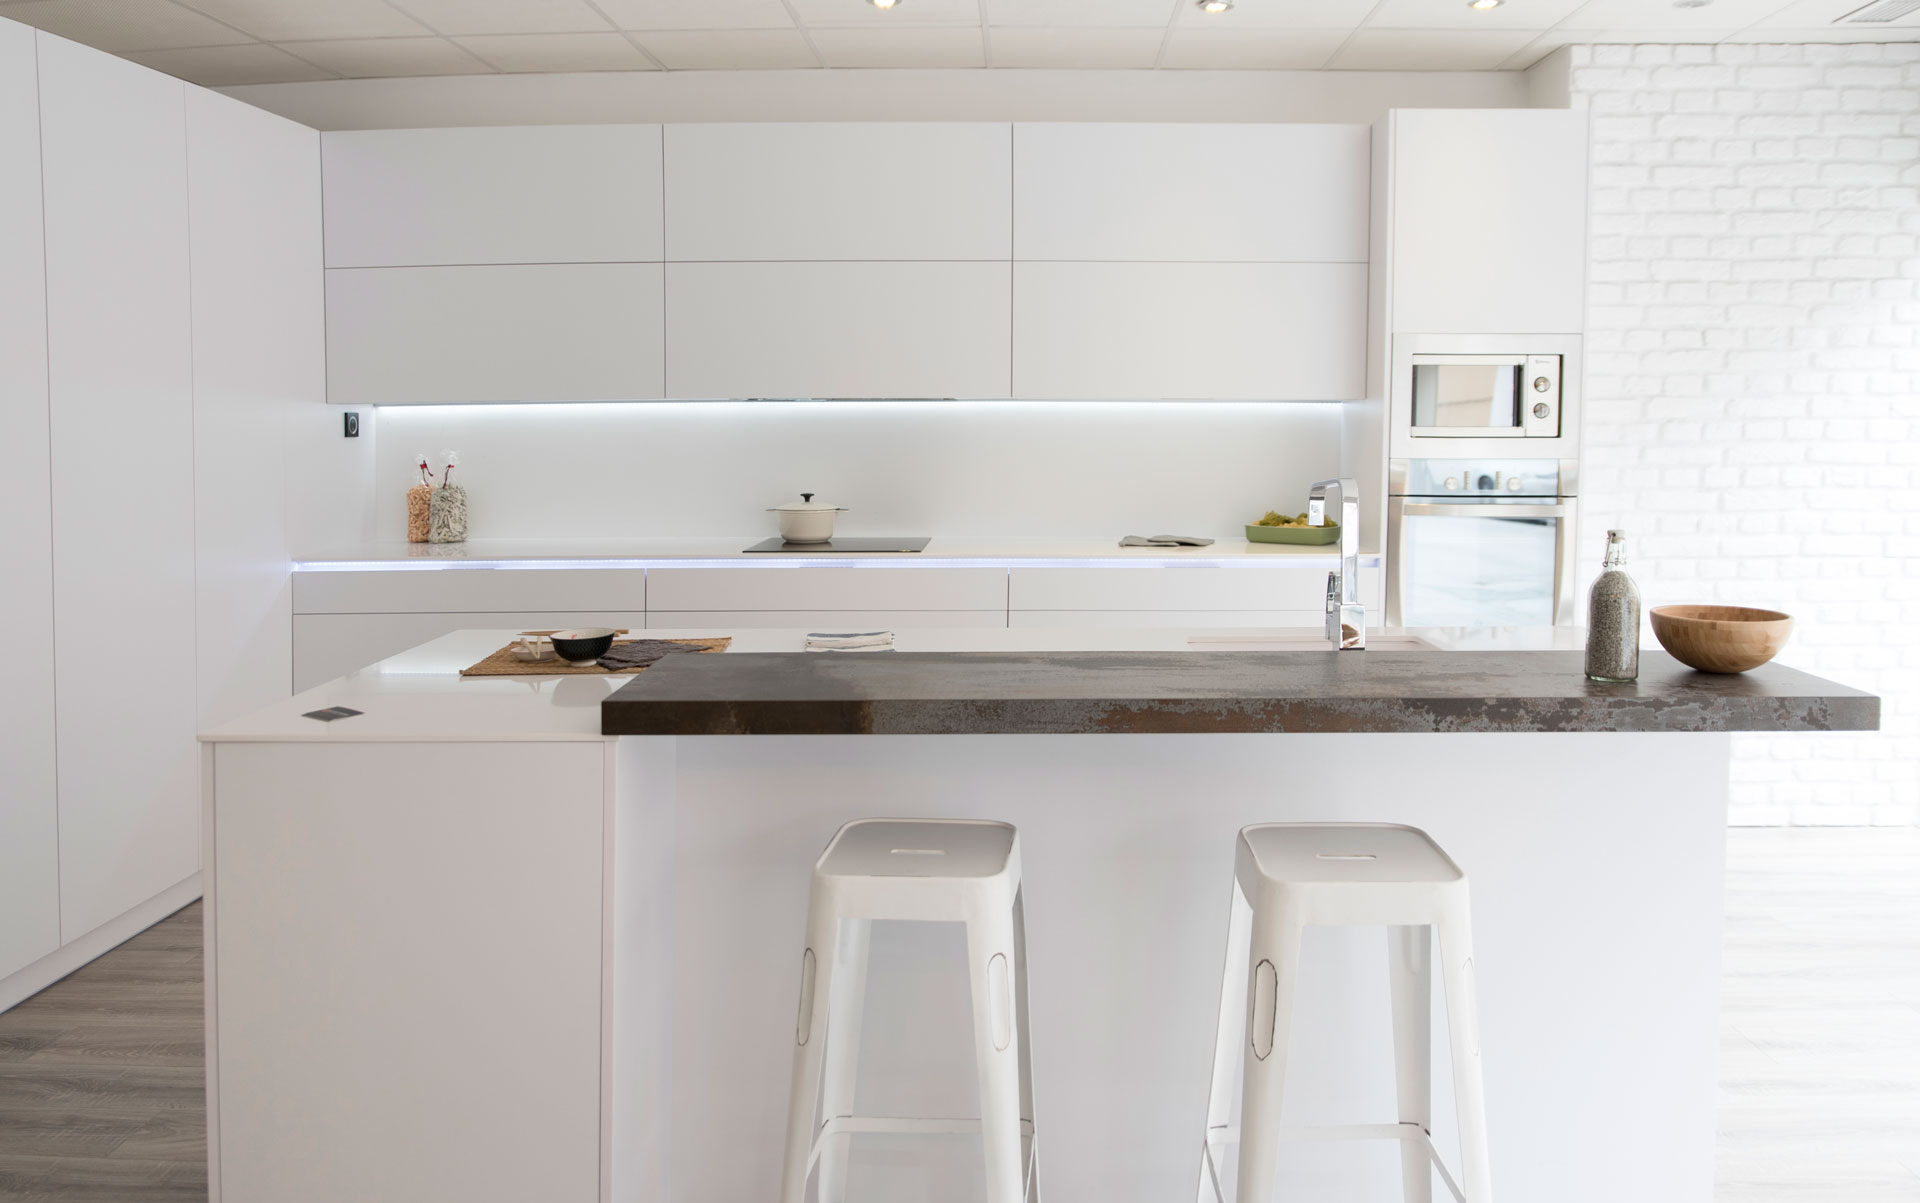 Mantener los muebles lacados arcomobel - Cera incolora para muebles lacados ...